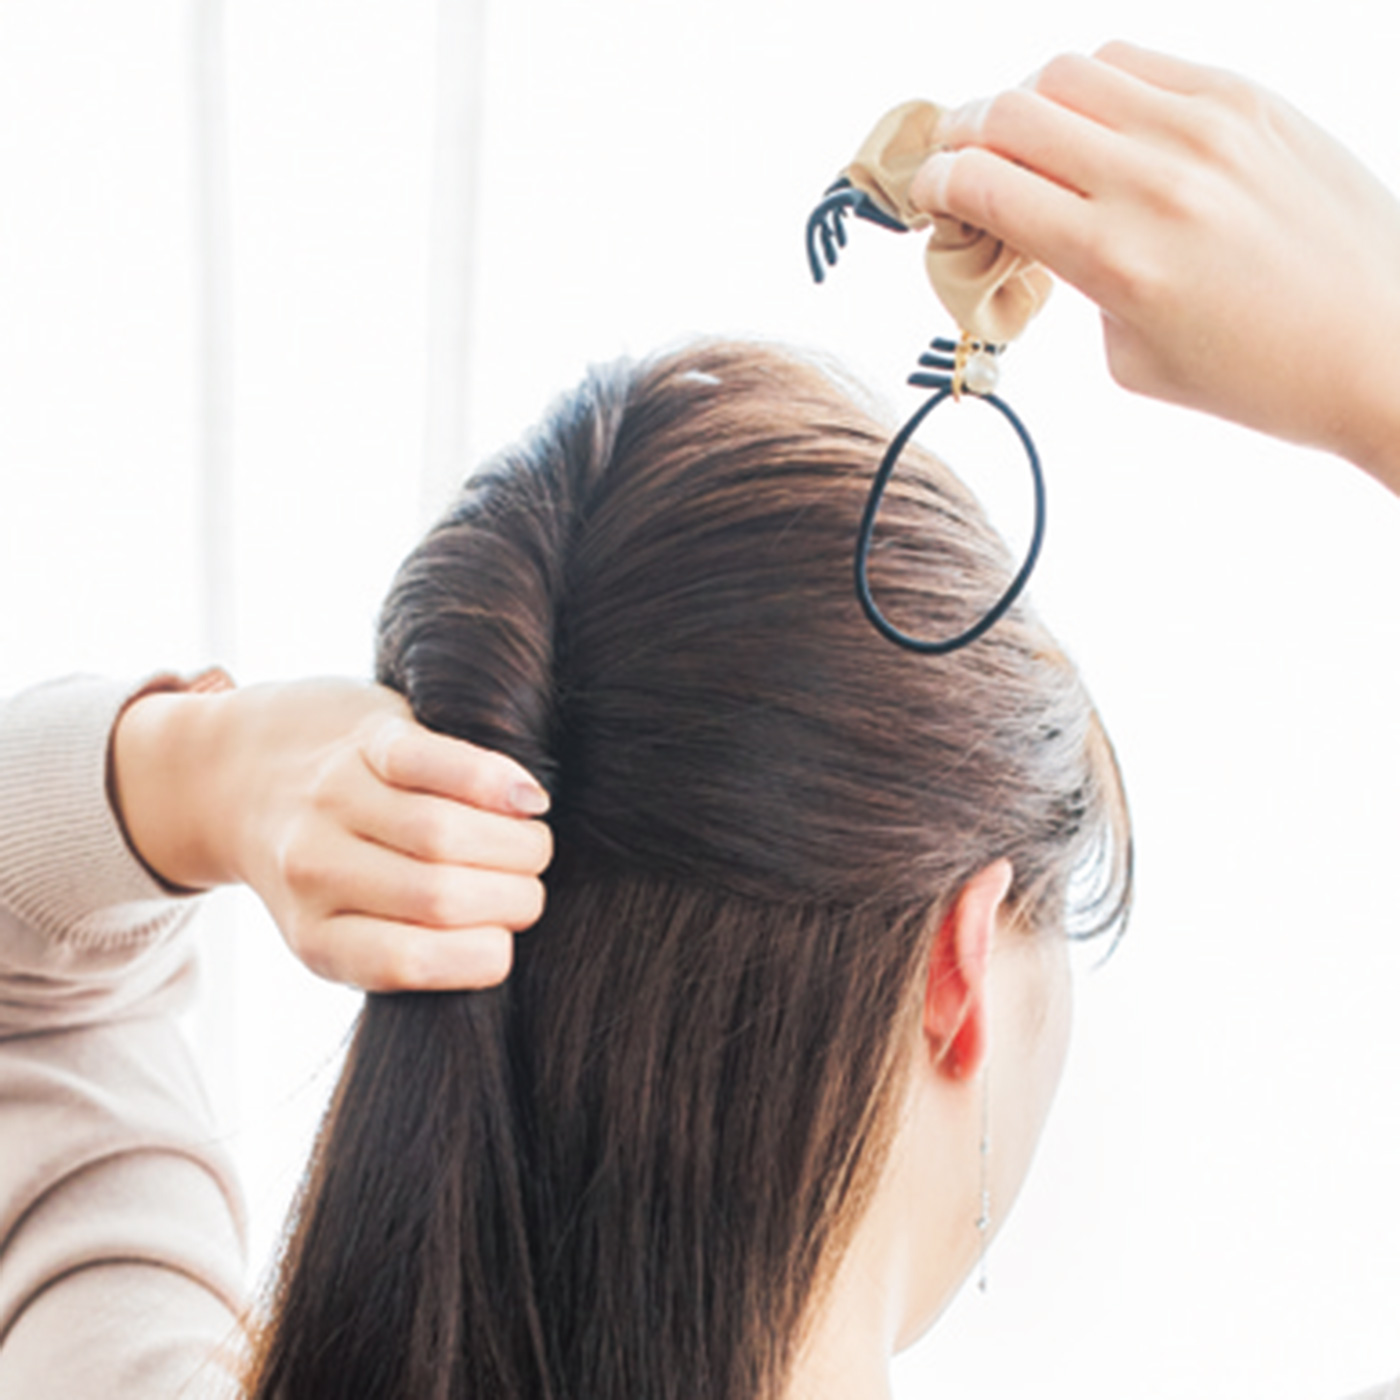 【HOW  TO USE】1.トップの髪をざっくりまとめ、2~3回ねじってクリップ部分で留めます。